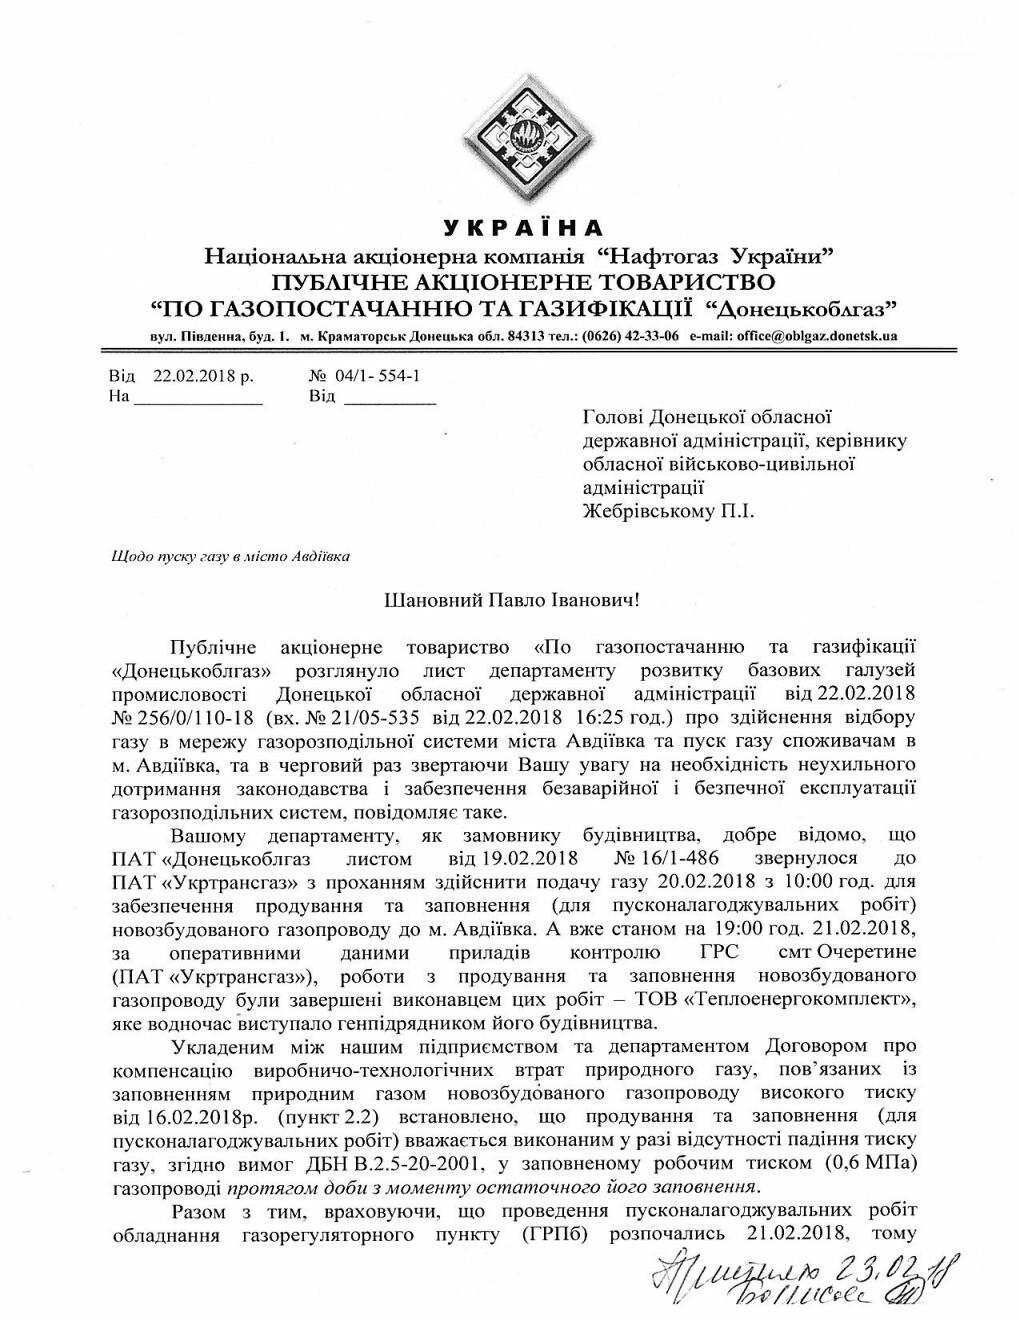 Авдеевский газопровод не прошел испытания, - Донецкоблгаз (ДОКУМЕНТ), фото-2